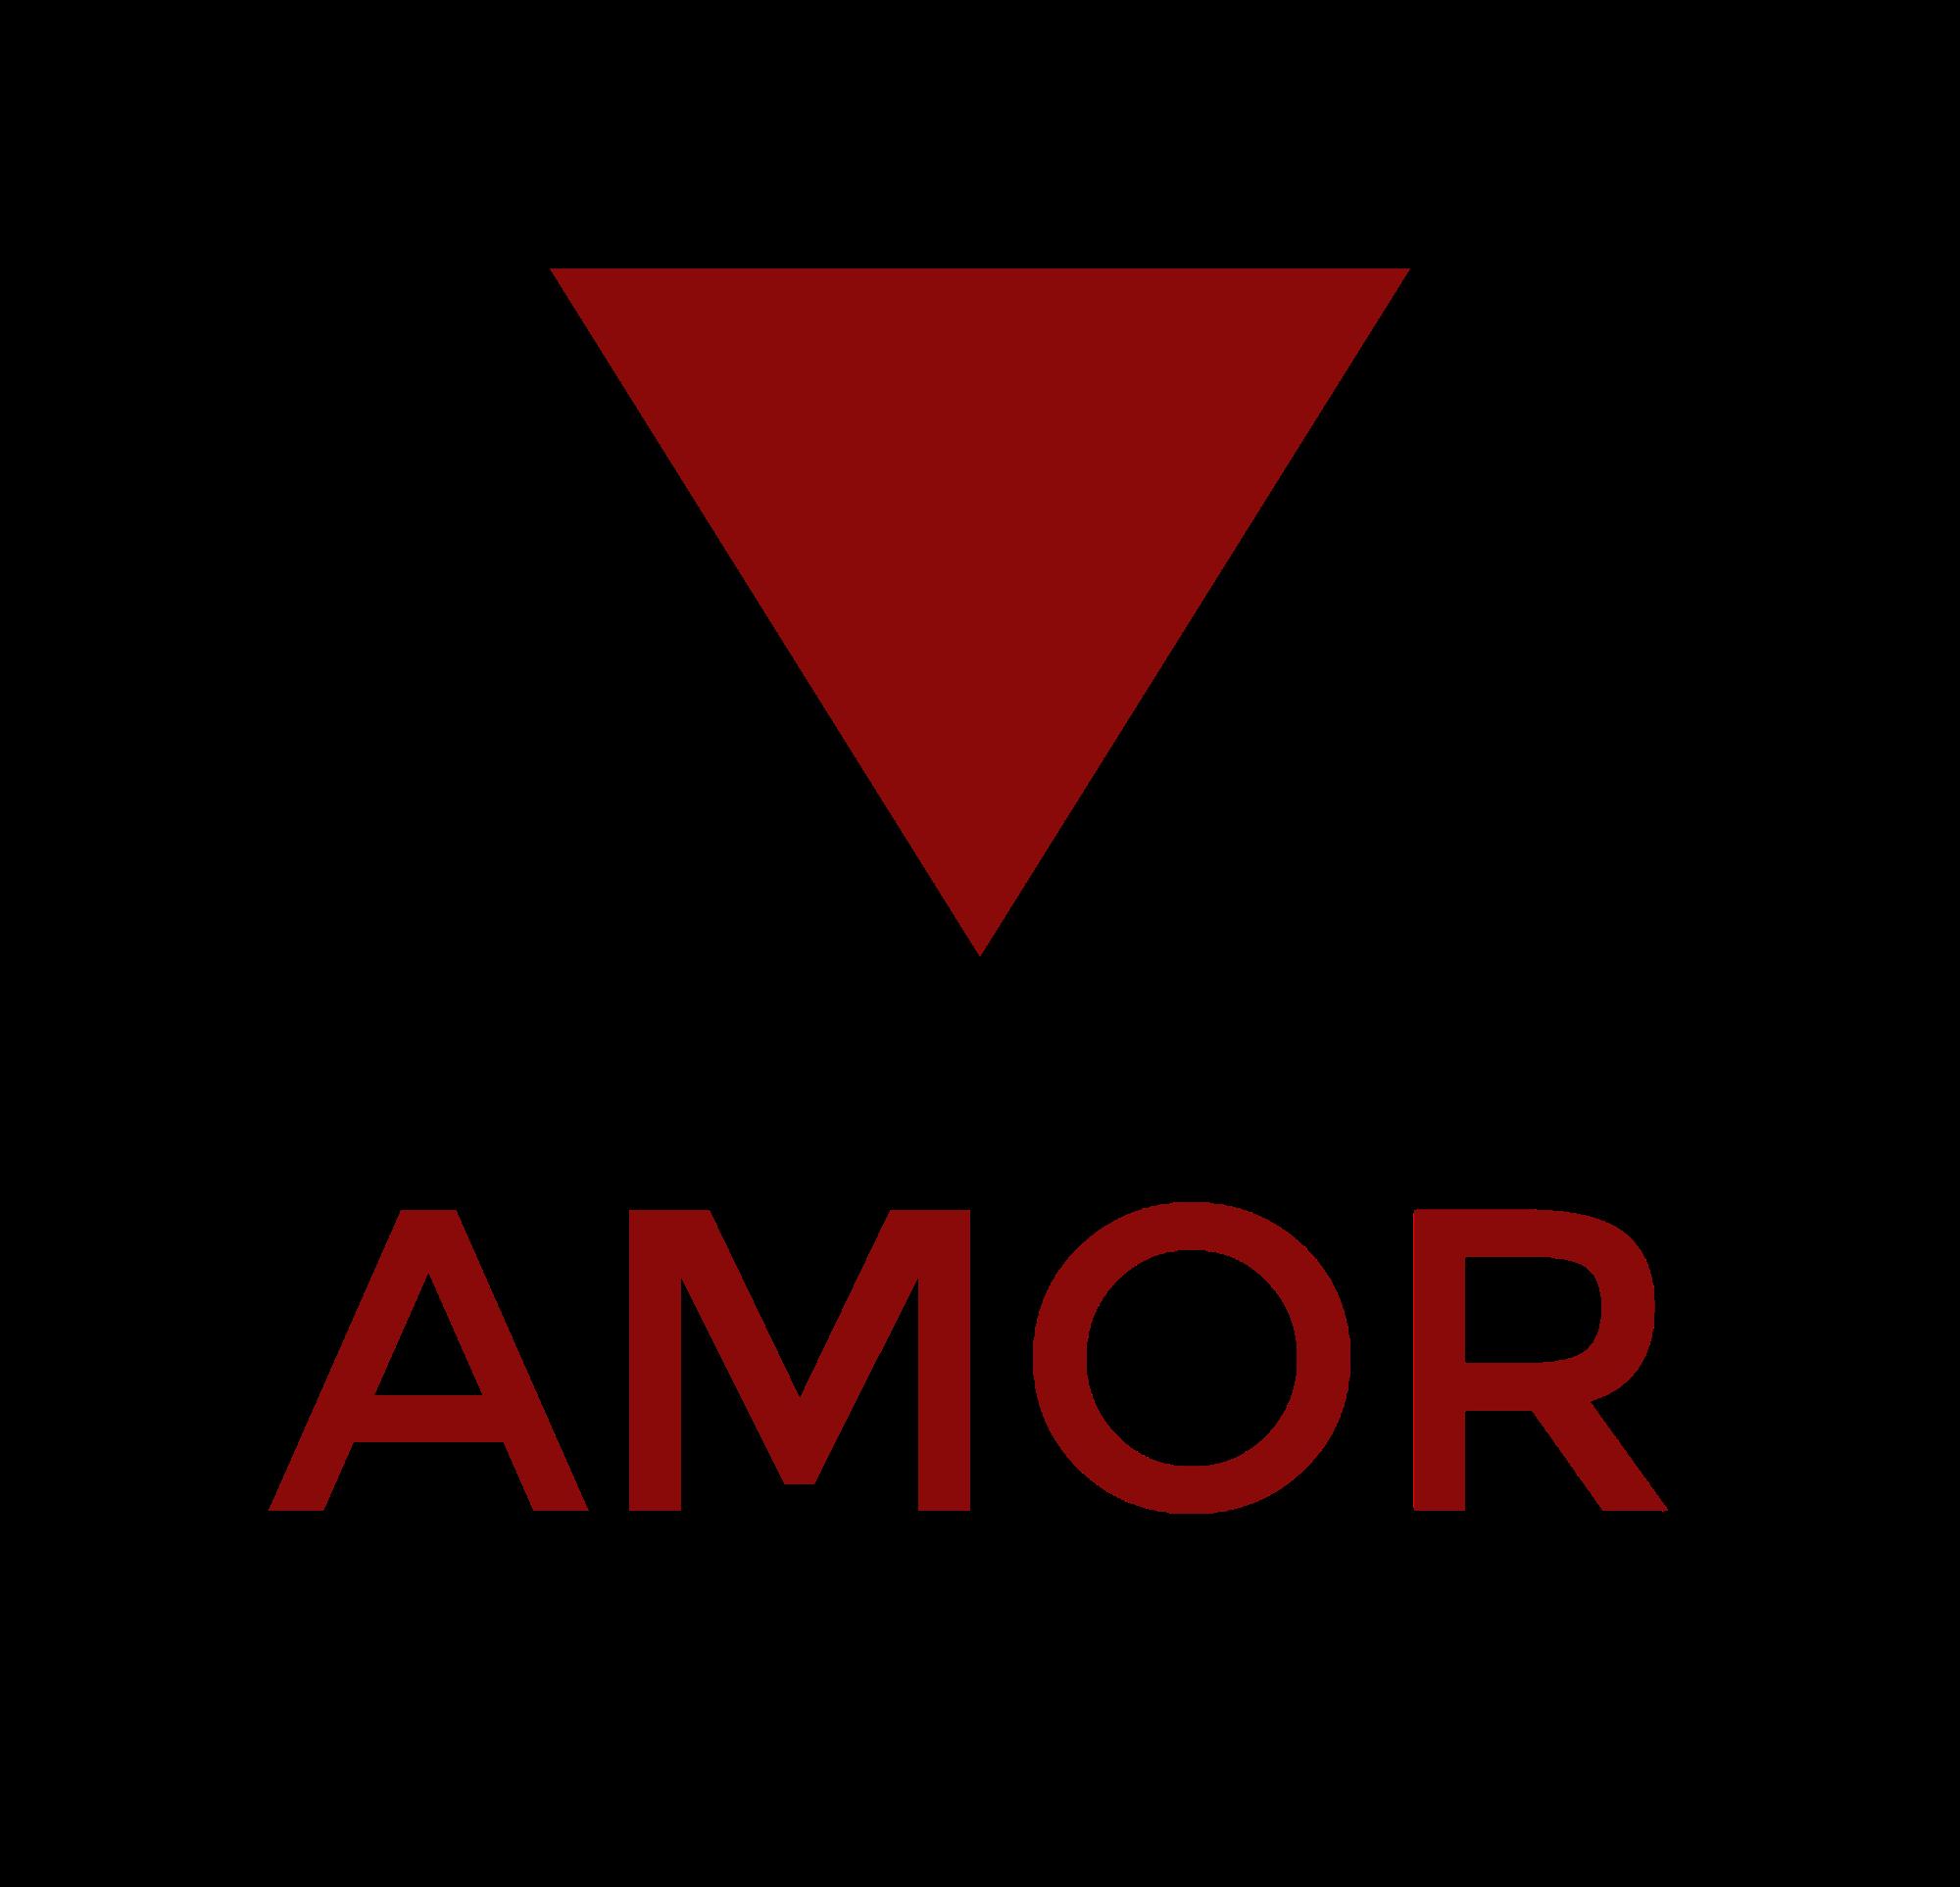 AMOR-logo.png